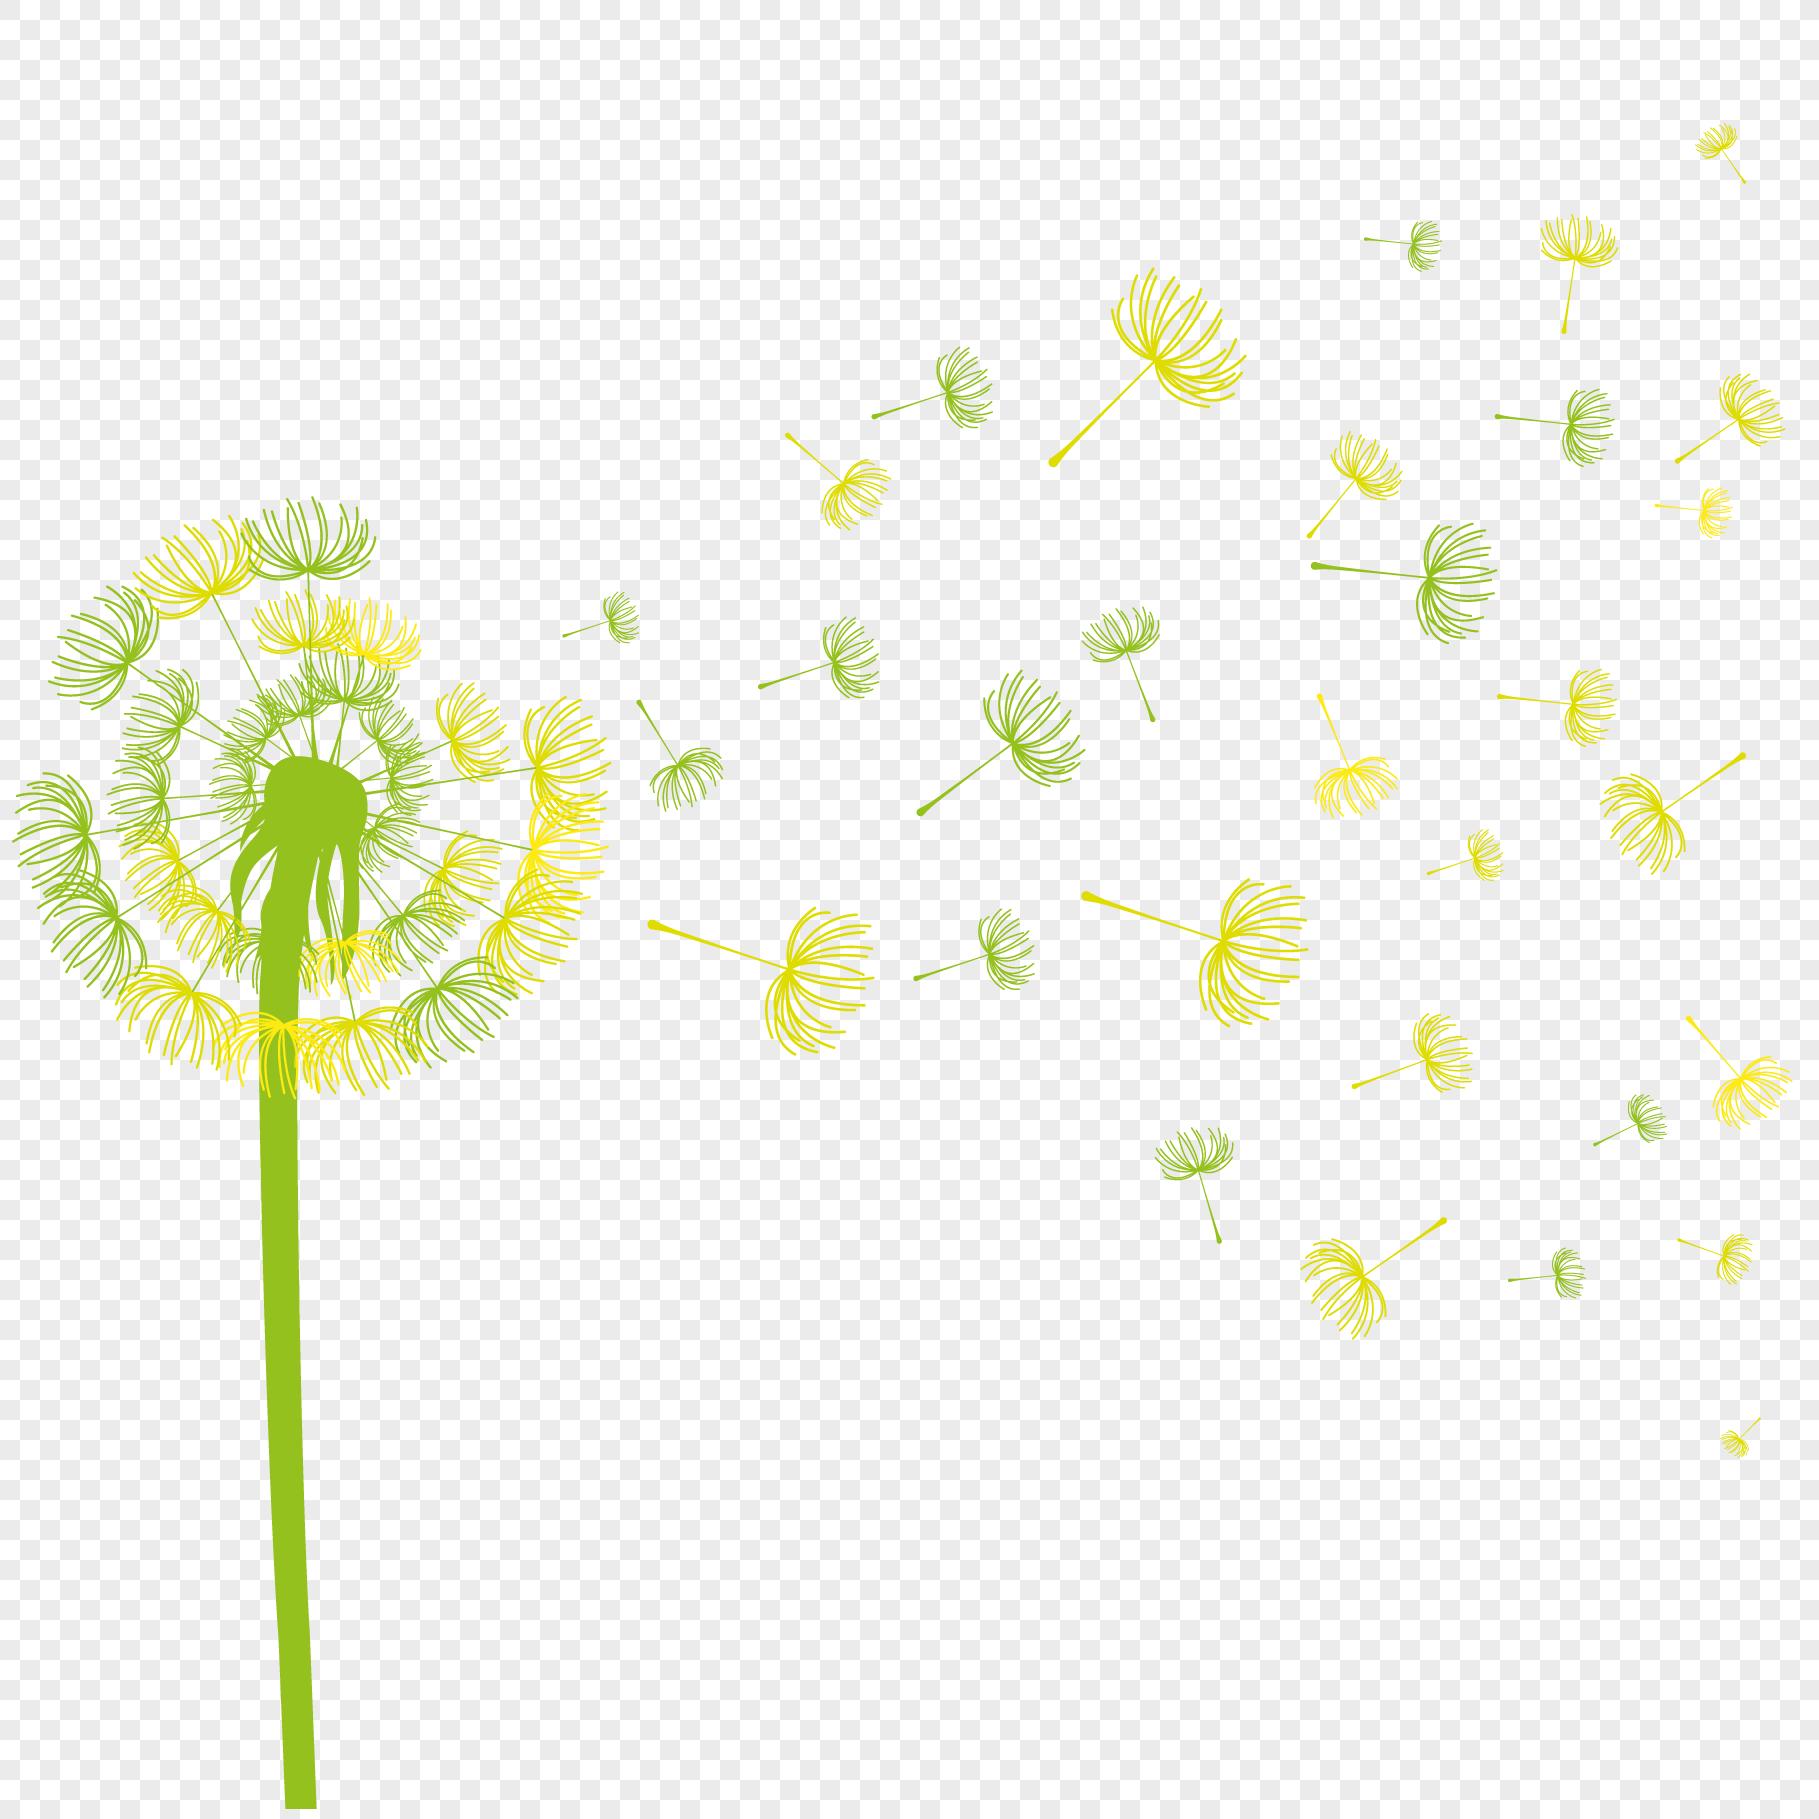 创意合成手绘蒲公英效果花朵